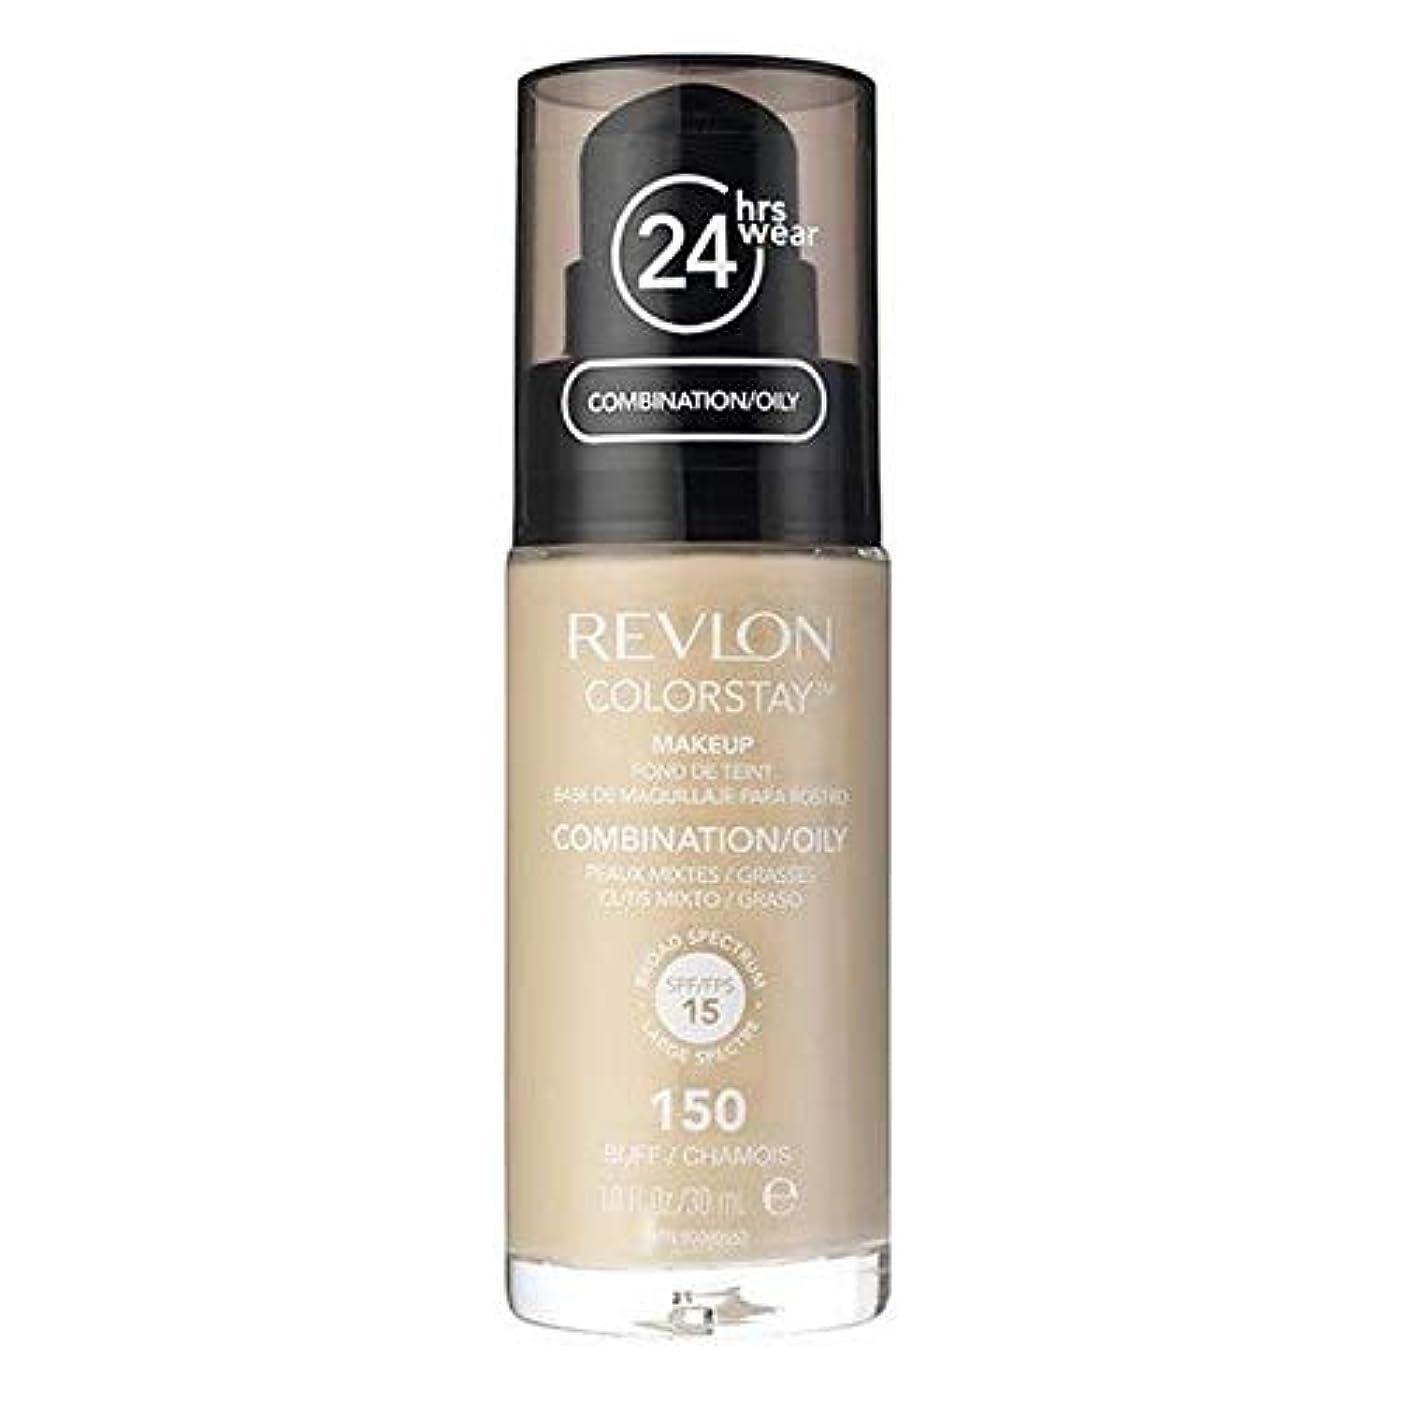 ペルソナ上院長方形[Revlon ] レブロンカラーステイ基盤コンビ/油性バフ30ミリリットル - Revlon Color Stay Foundation Combi/Oily Buff 30ml [並行輸入品]